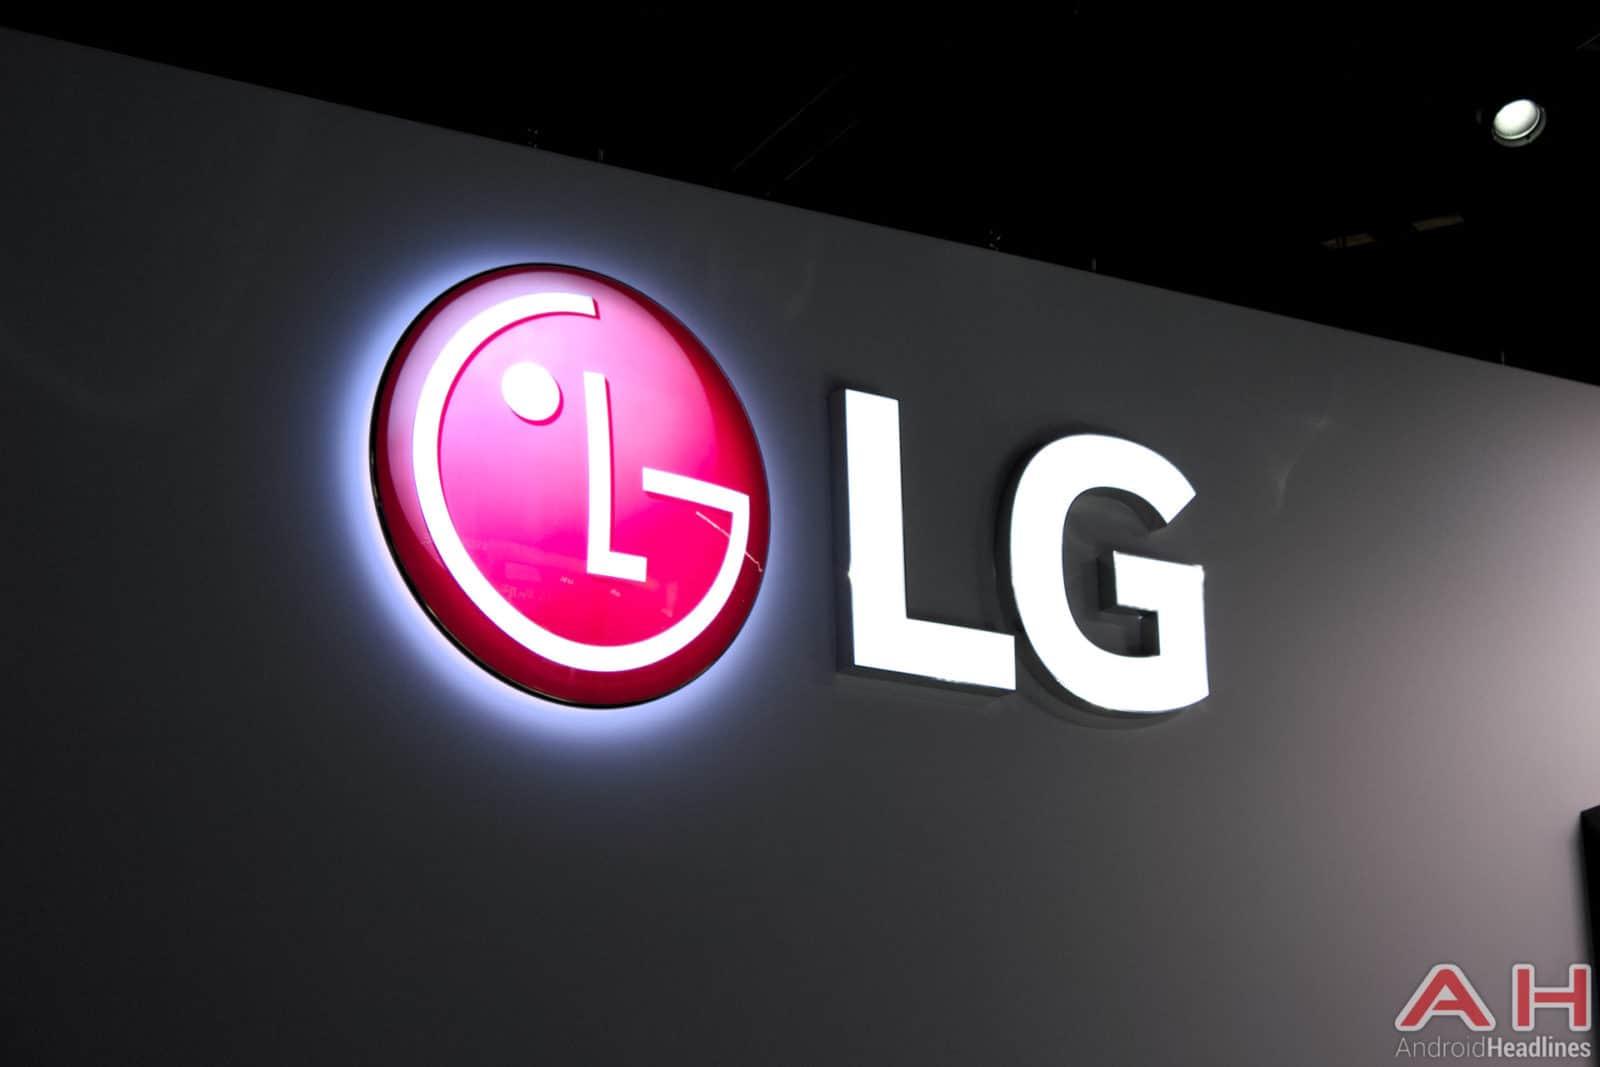 LG Logo 2016 AH (3)